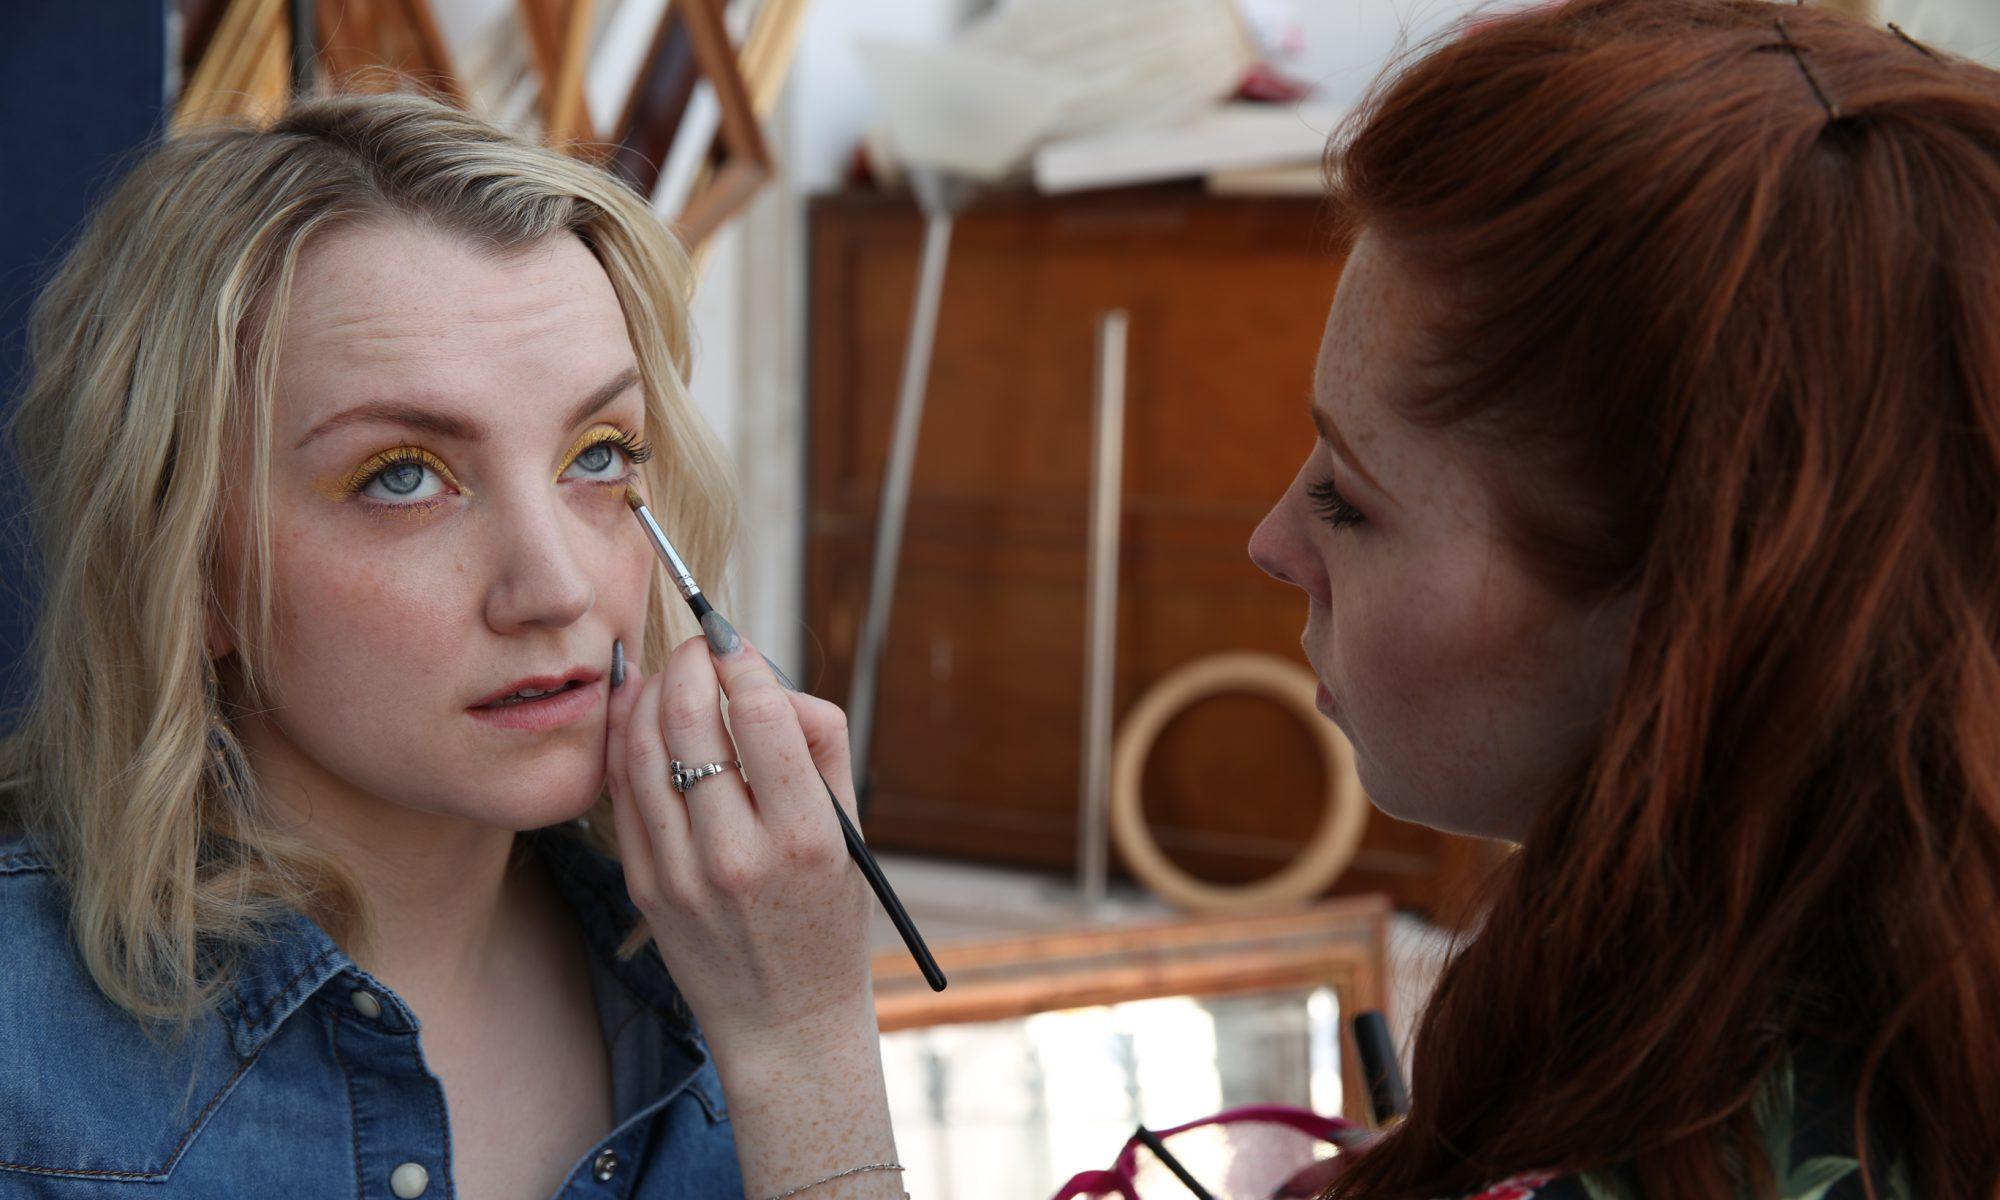 Chloe Campbell makeup artist